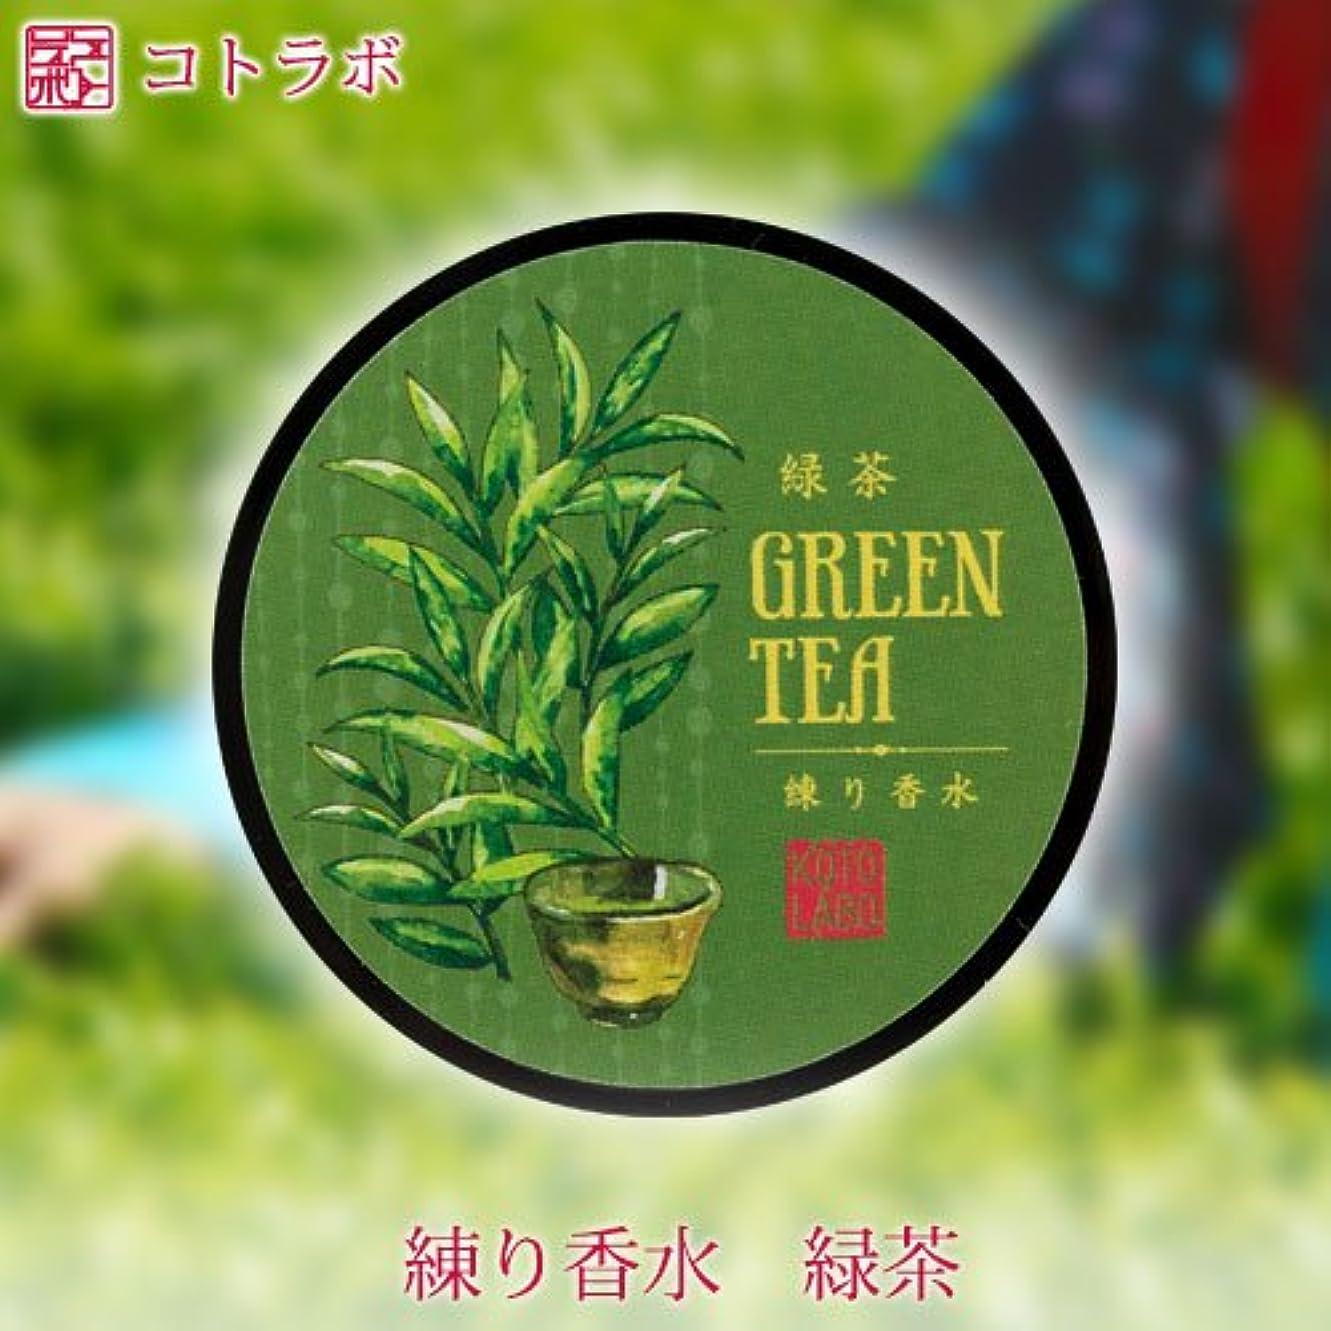 敏感なガムプラグコトラボ練り香水京都謹製緑茶グリーンティーフローラルの香りソリッドパフュームKotolabo solid perfume, Green tea